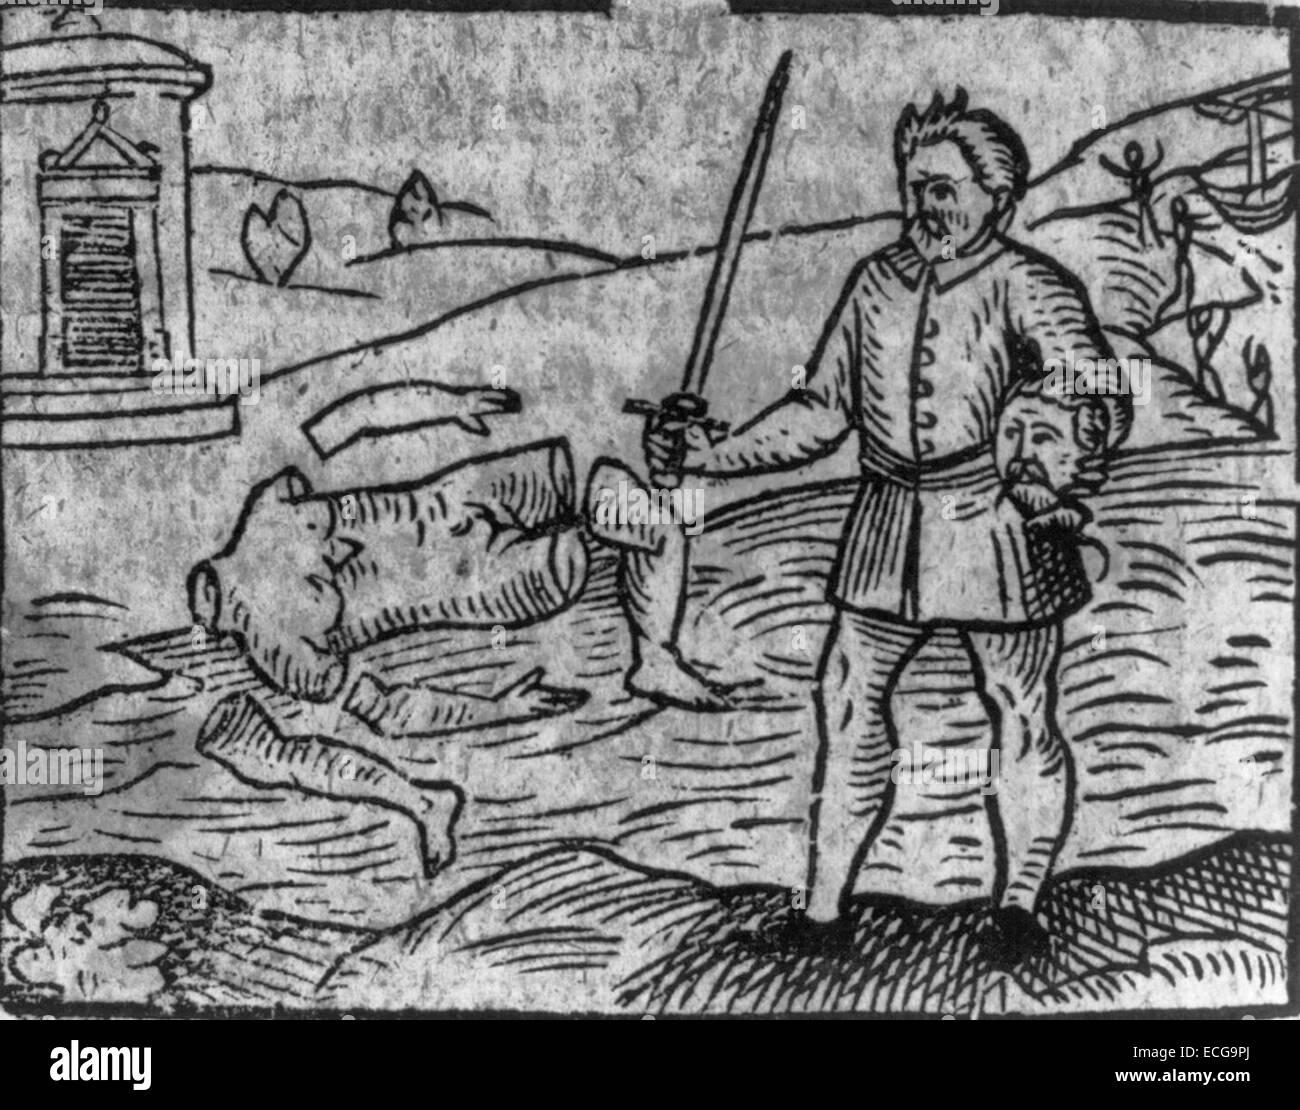 Homem segurando espada e chefe do corpo esquartejado decapitada, no fundo, xilogravura, circa 1599 Imagens de Stock